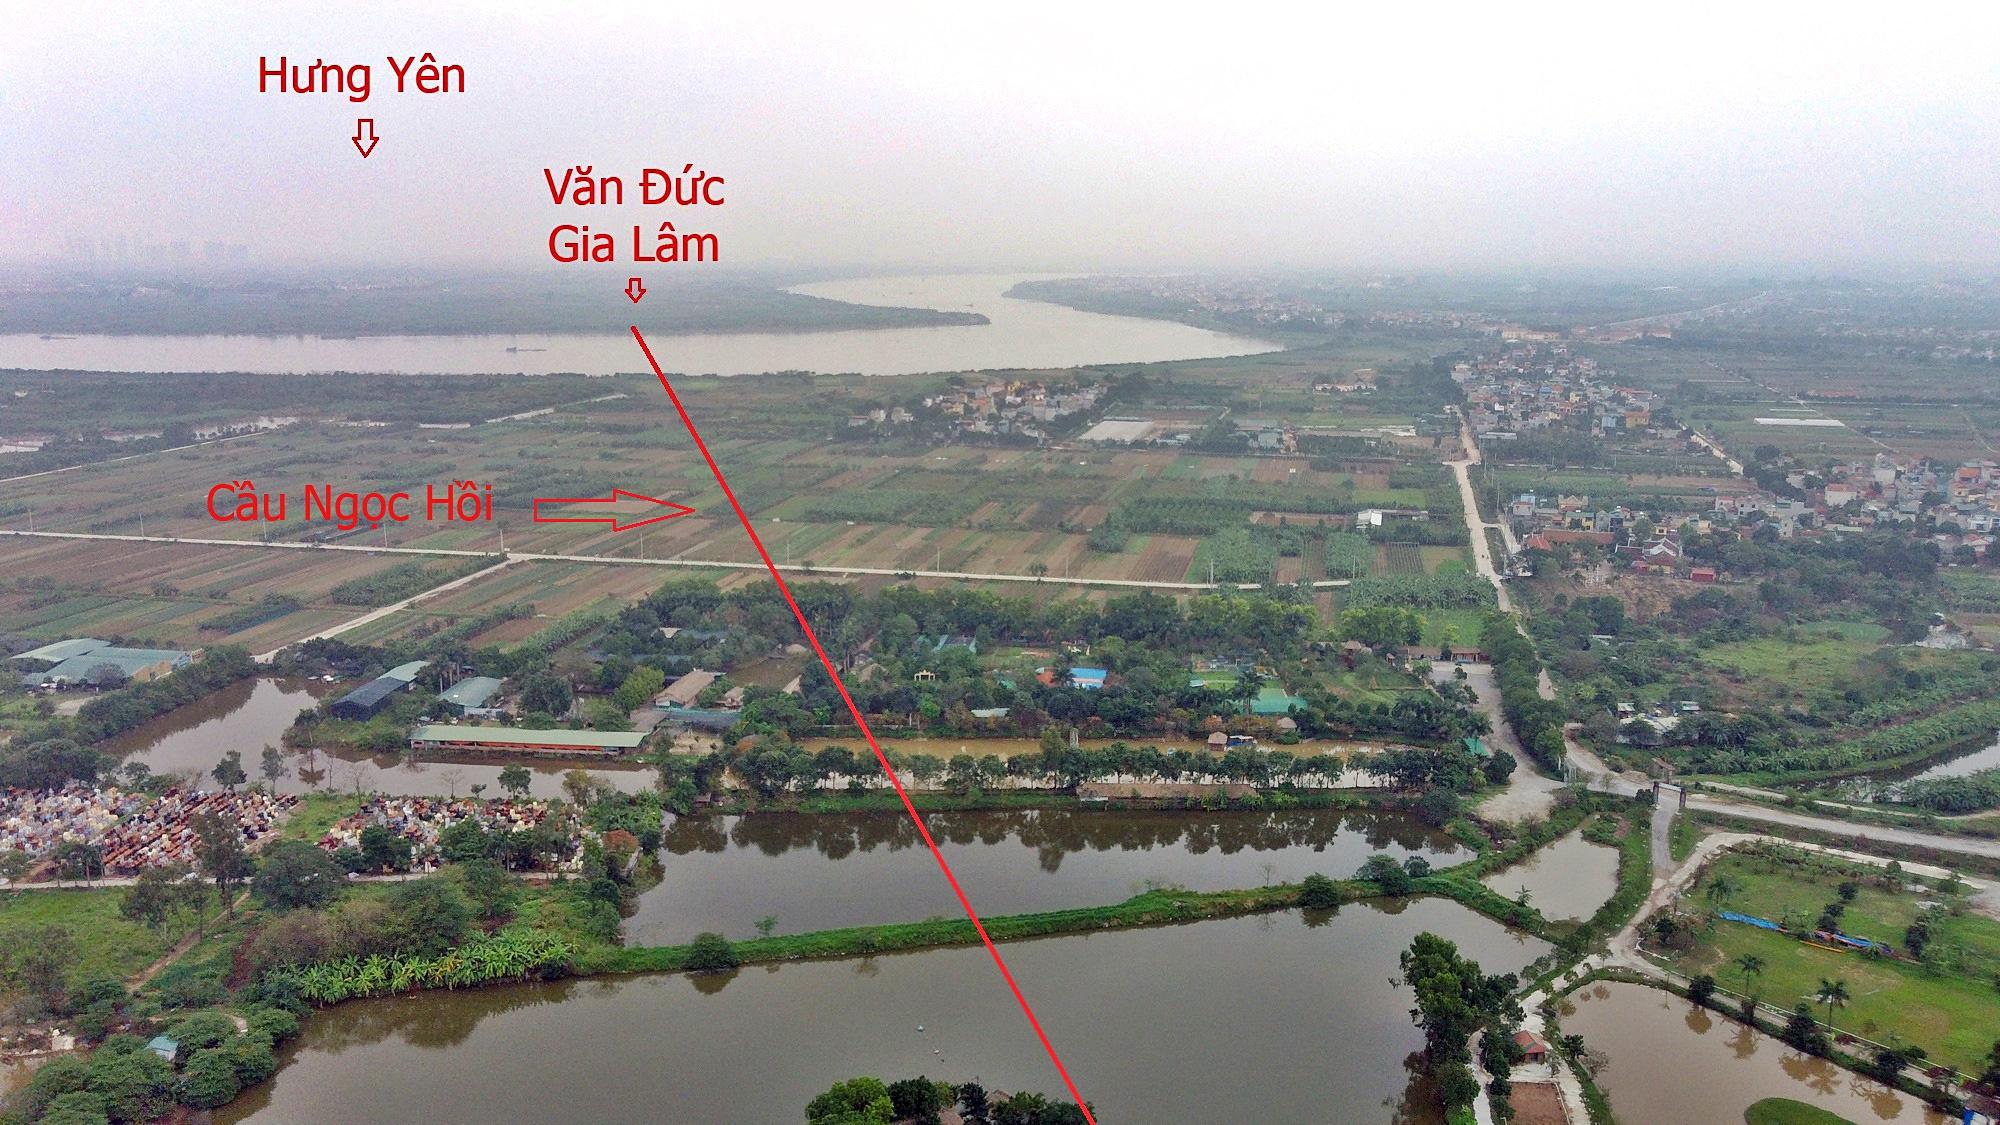 Cầu sẽ mở theo qui hoạch ở Hà Nội: Toàn cảnh cầu Ngọc Hồi nối Hà Nội với Hưng Yên - Ảnh 11.